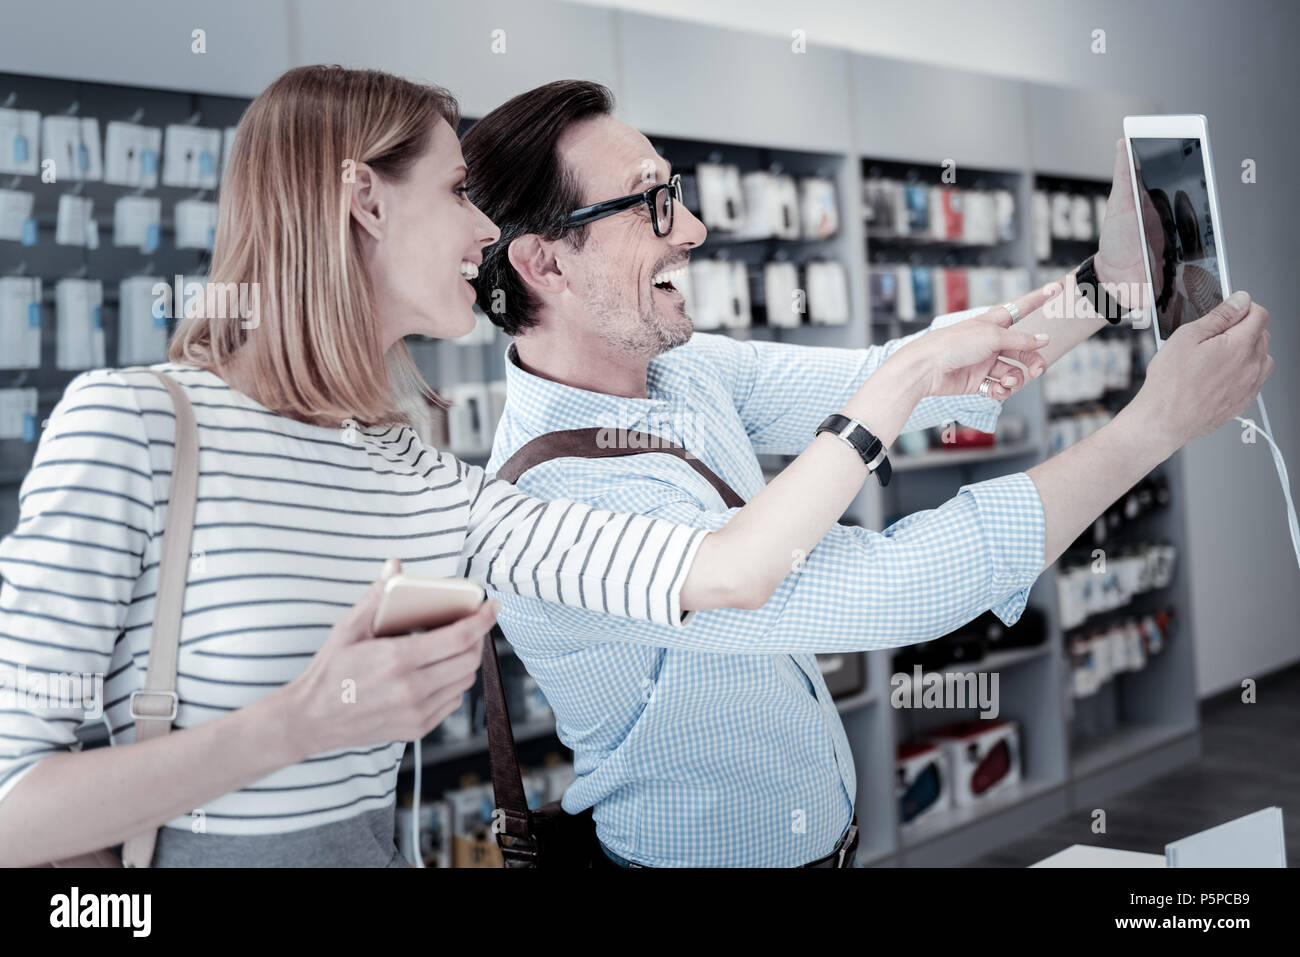 Carino divertente persone di scattare una foto in un negozio Immagini Stock